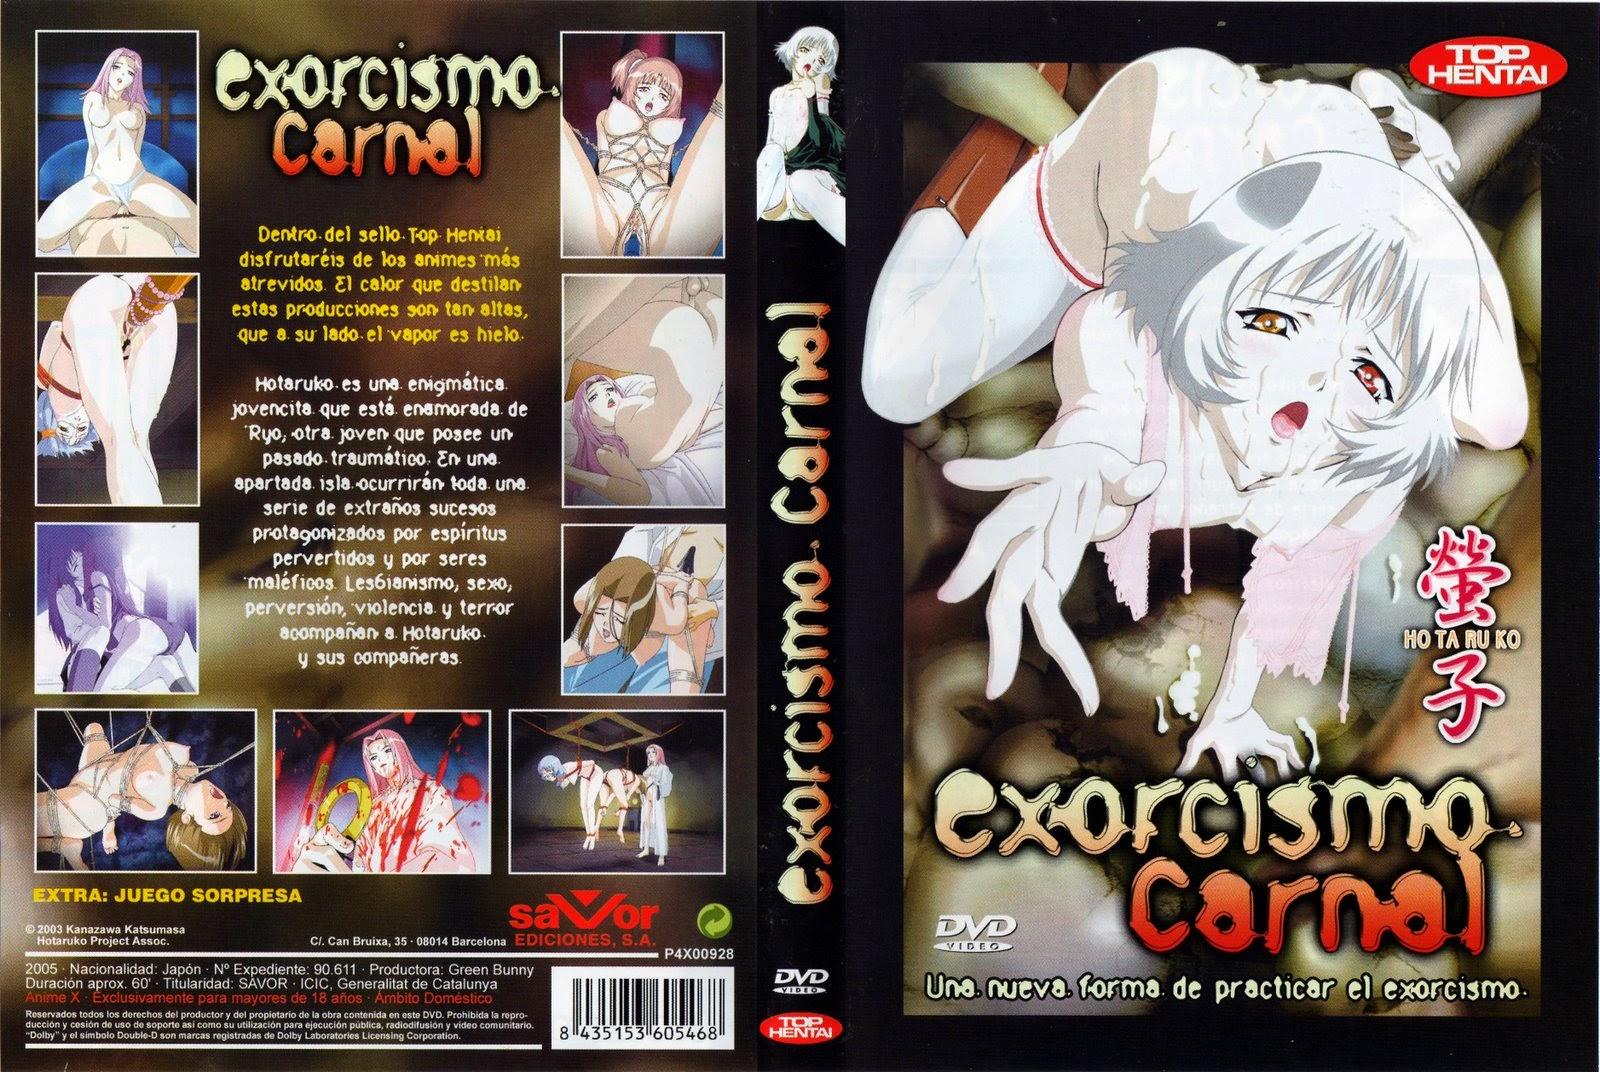 VIDEOS HENTAI GRATIS XXX COMICS PORNO